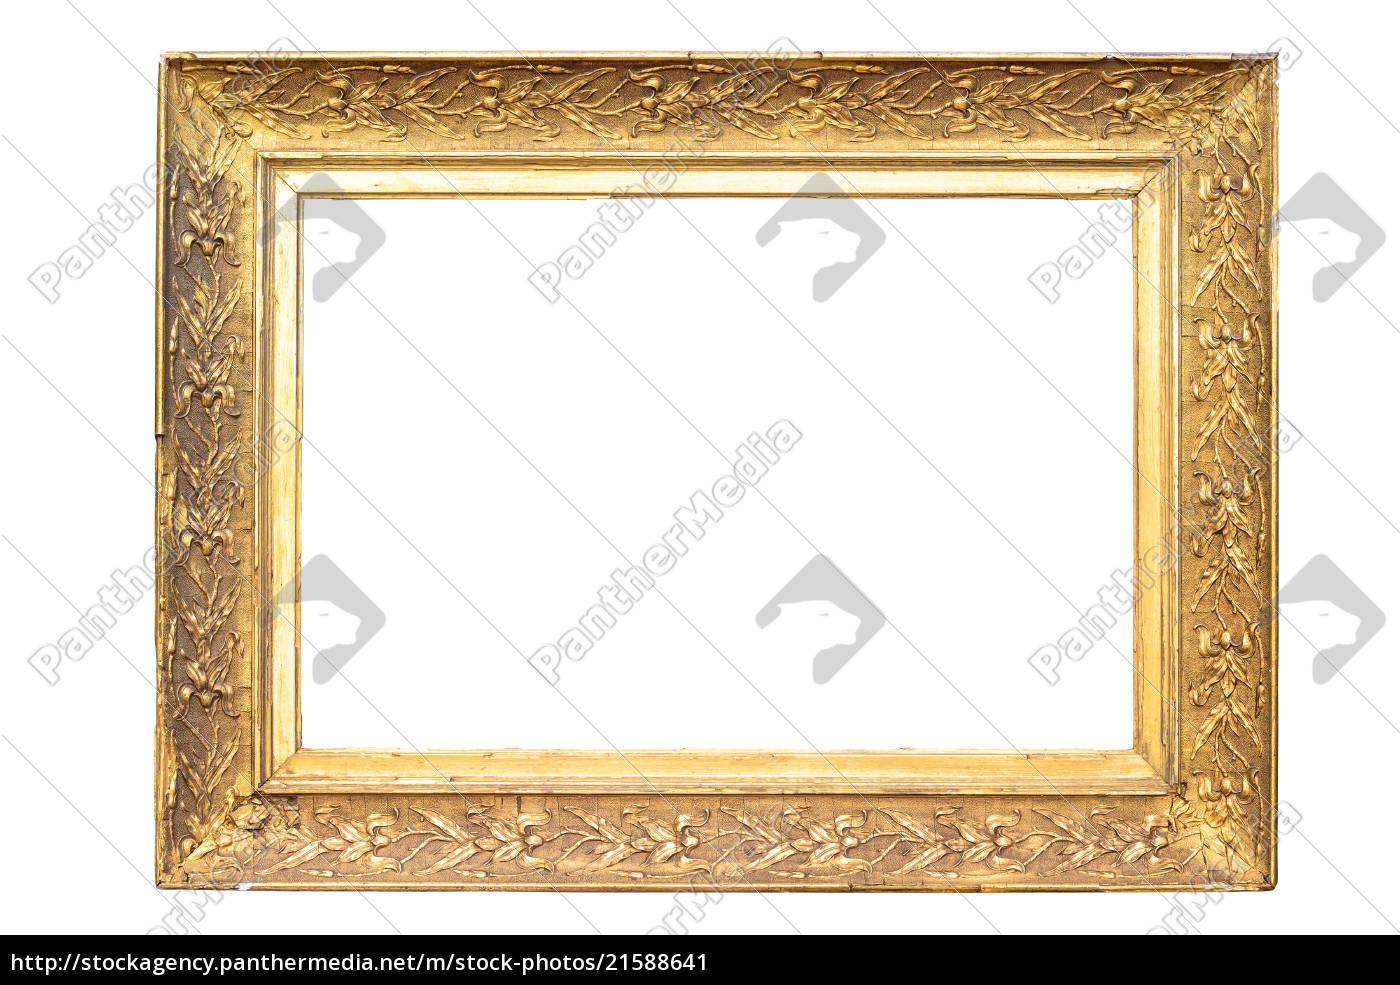 rectángulo, decorativo, marco, de, imagen, dorada - 21588641